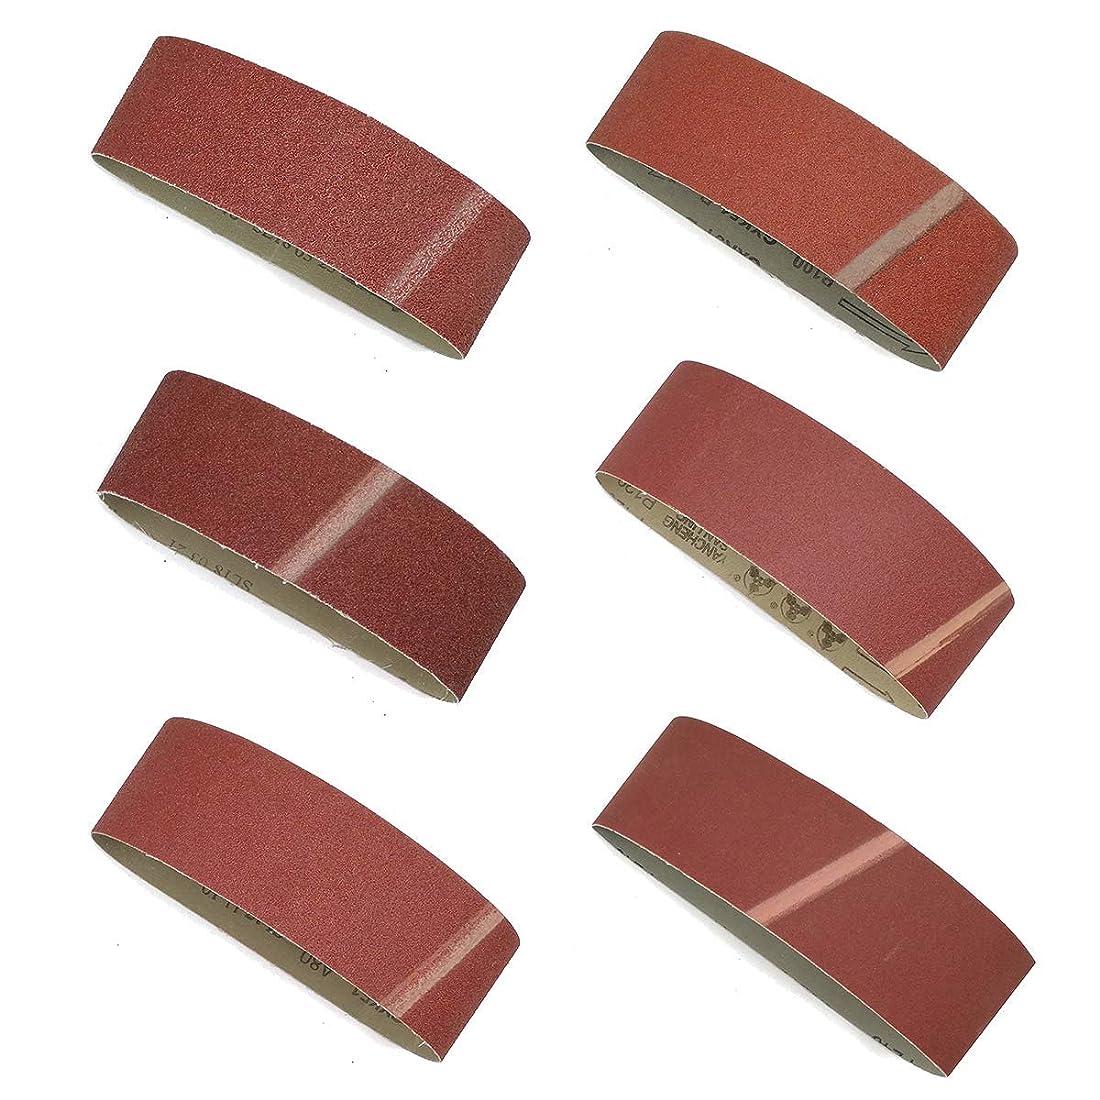 ずらすすり屈辱する研磨ベルトサンドペーパー, 幅75mm 長さ533mm 40/60/80/100/120/240グラベルメタル粉砕アルミナ 交換用 サンドペーパー サンディング ベルト DIY 工具